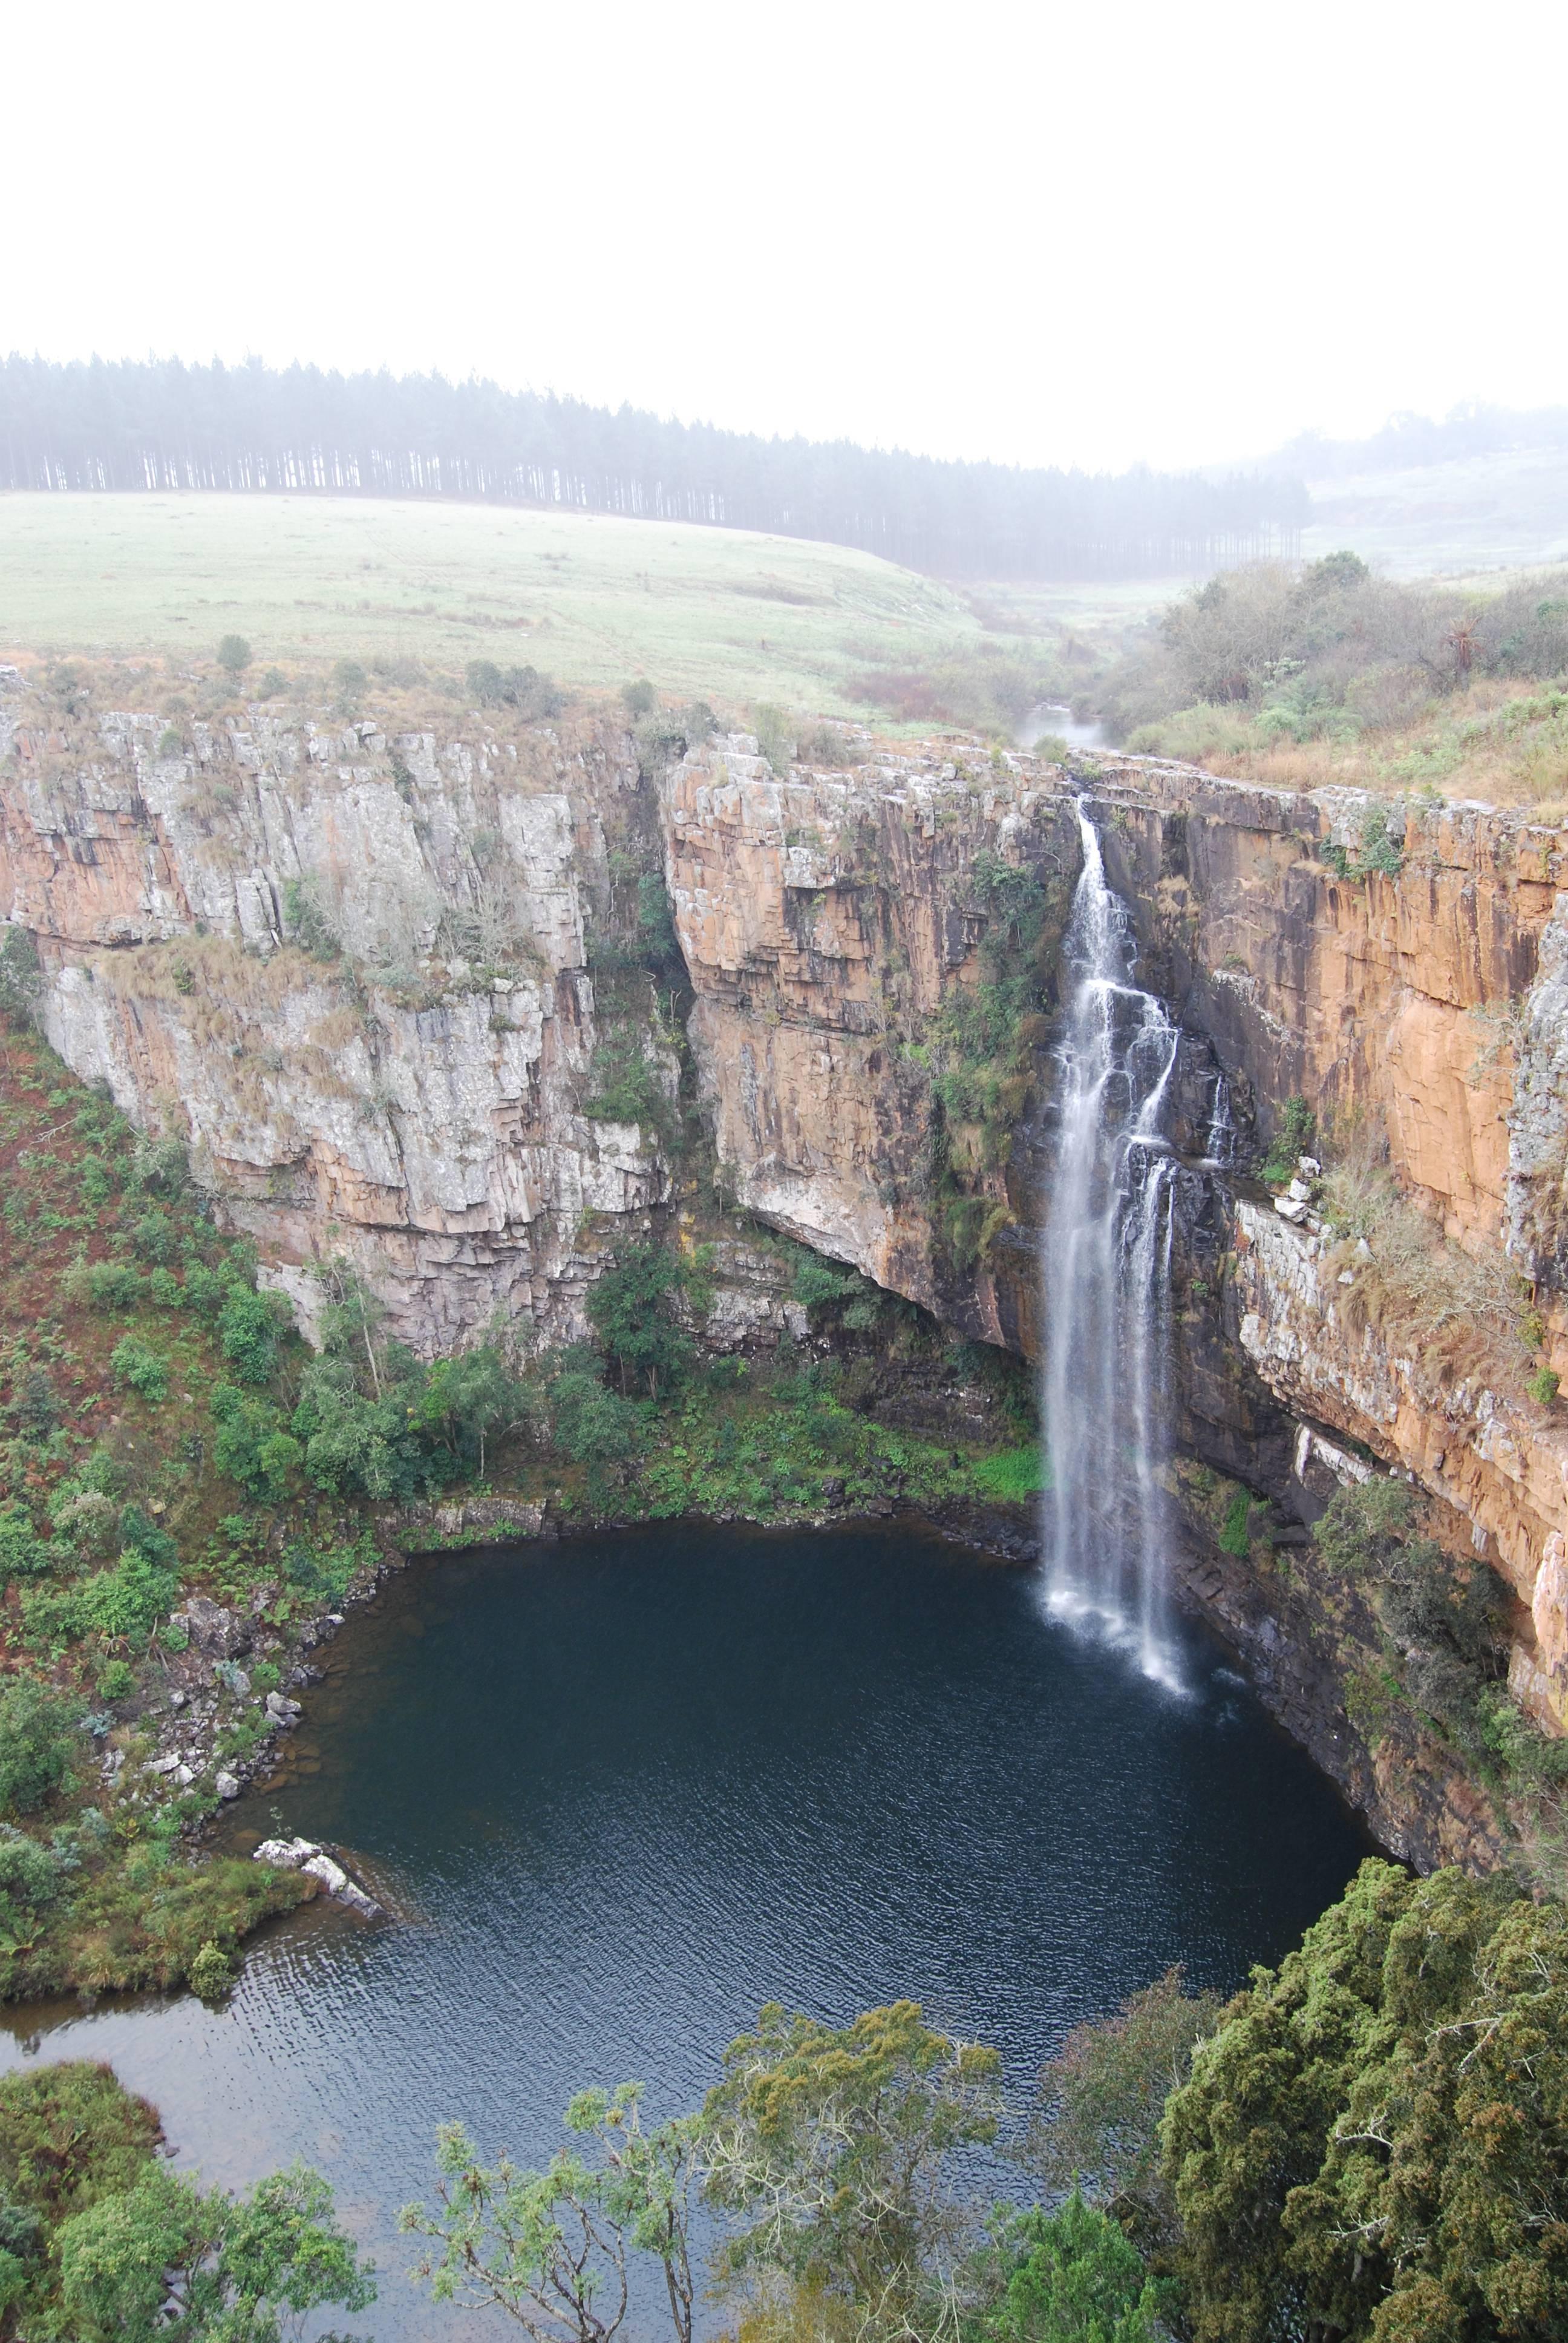 Photo 1: Blyde River Canyon, même sous la pluie